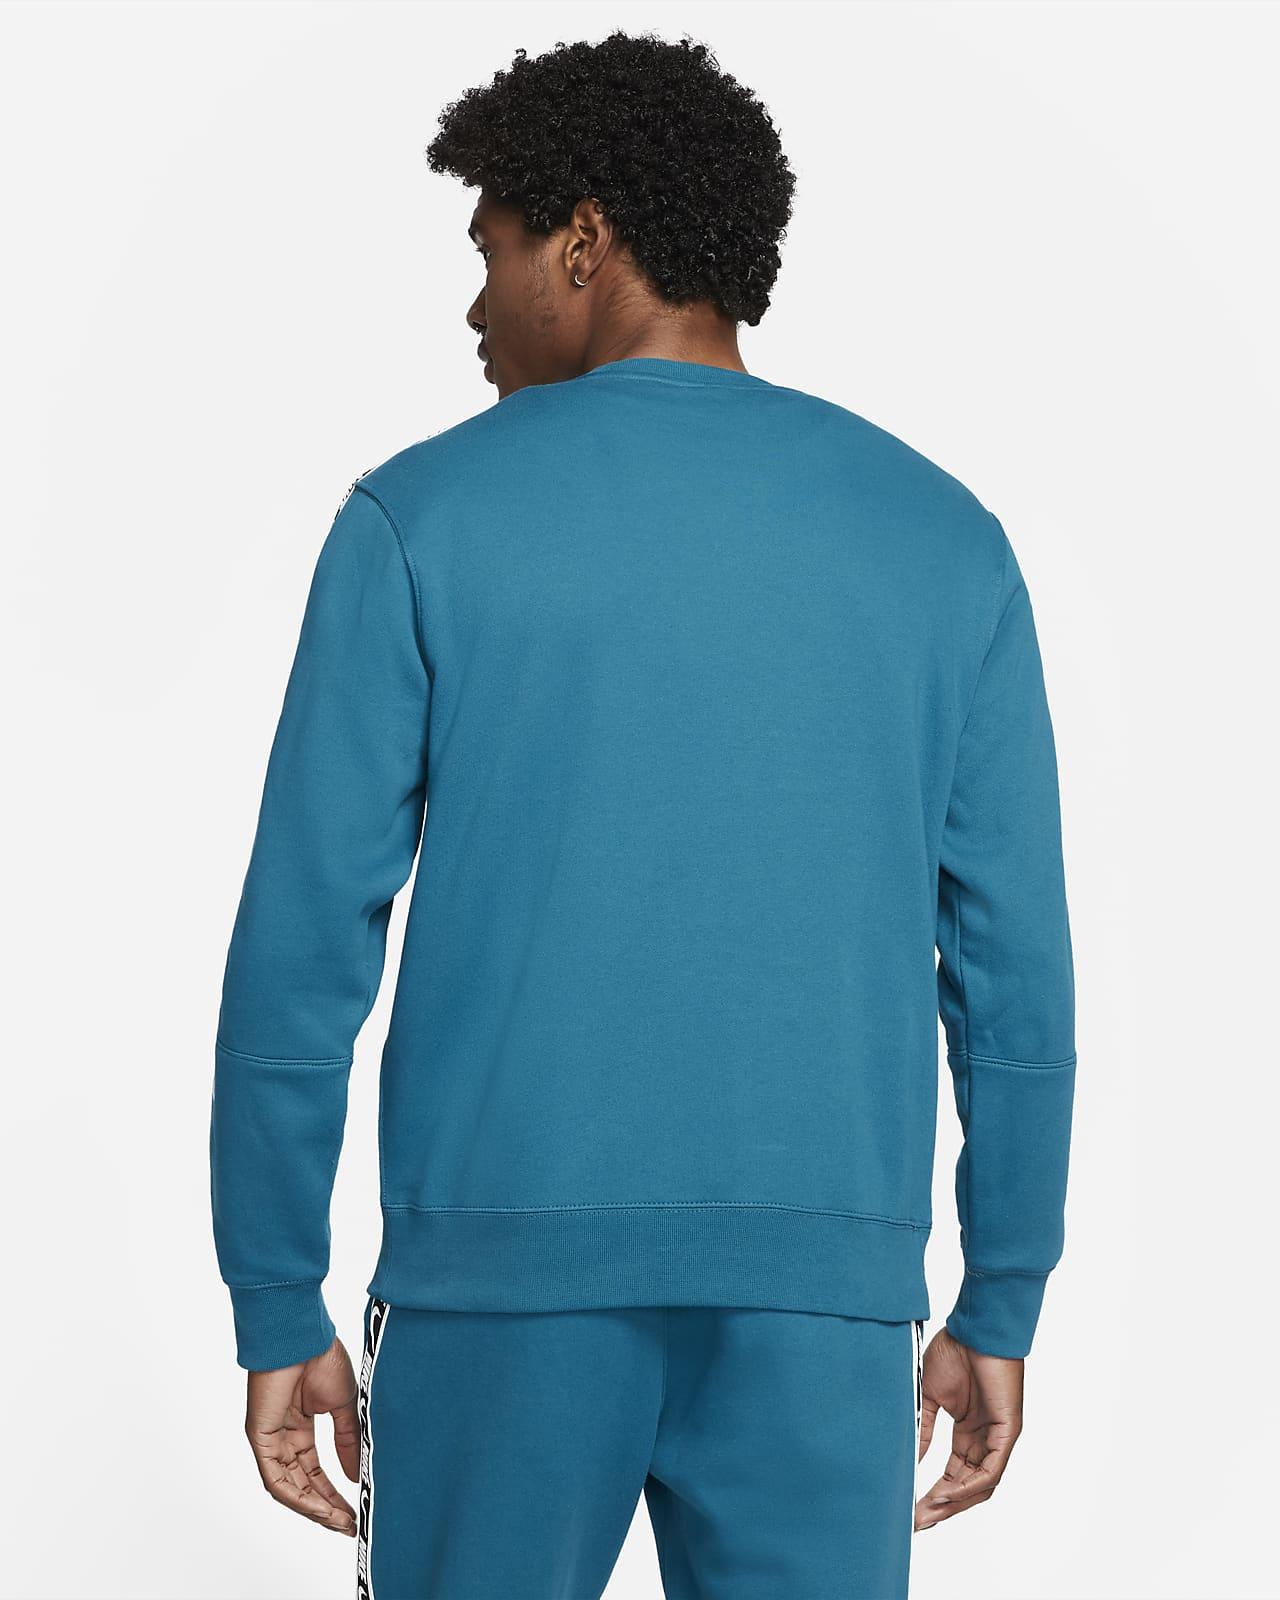 Haut en tissu Fleece Nike Sportswear pour Homme